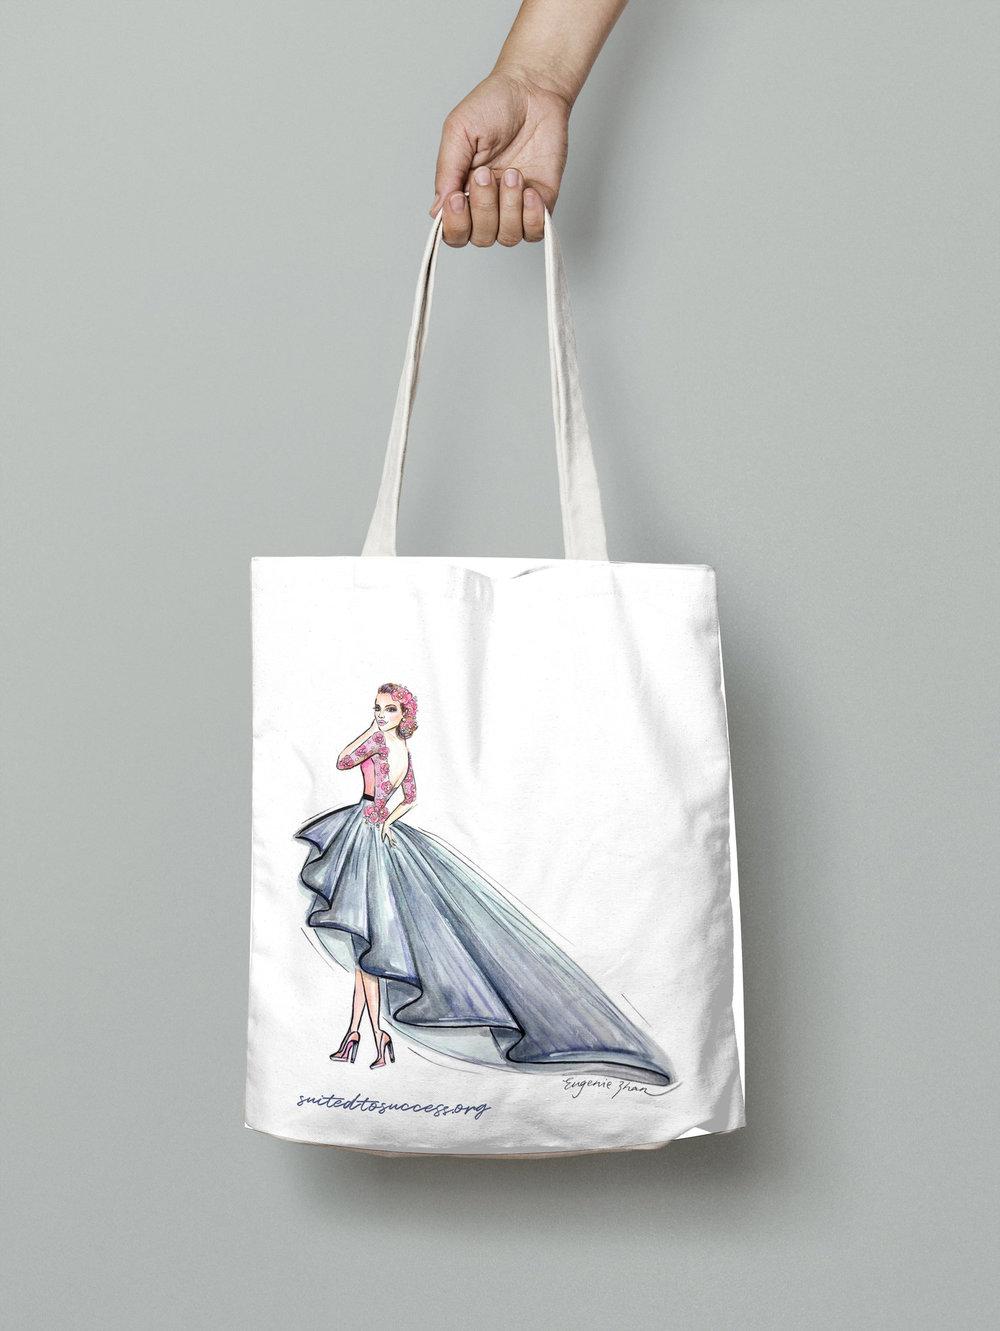 Bubbles+Bag+Mockup_Reference+for+Artwork.jpg